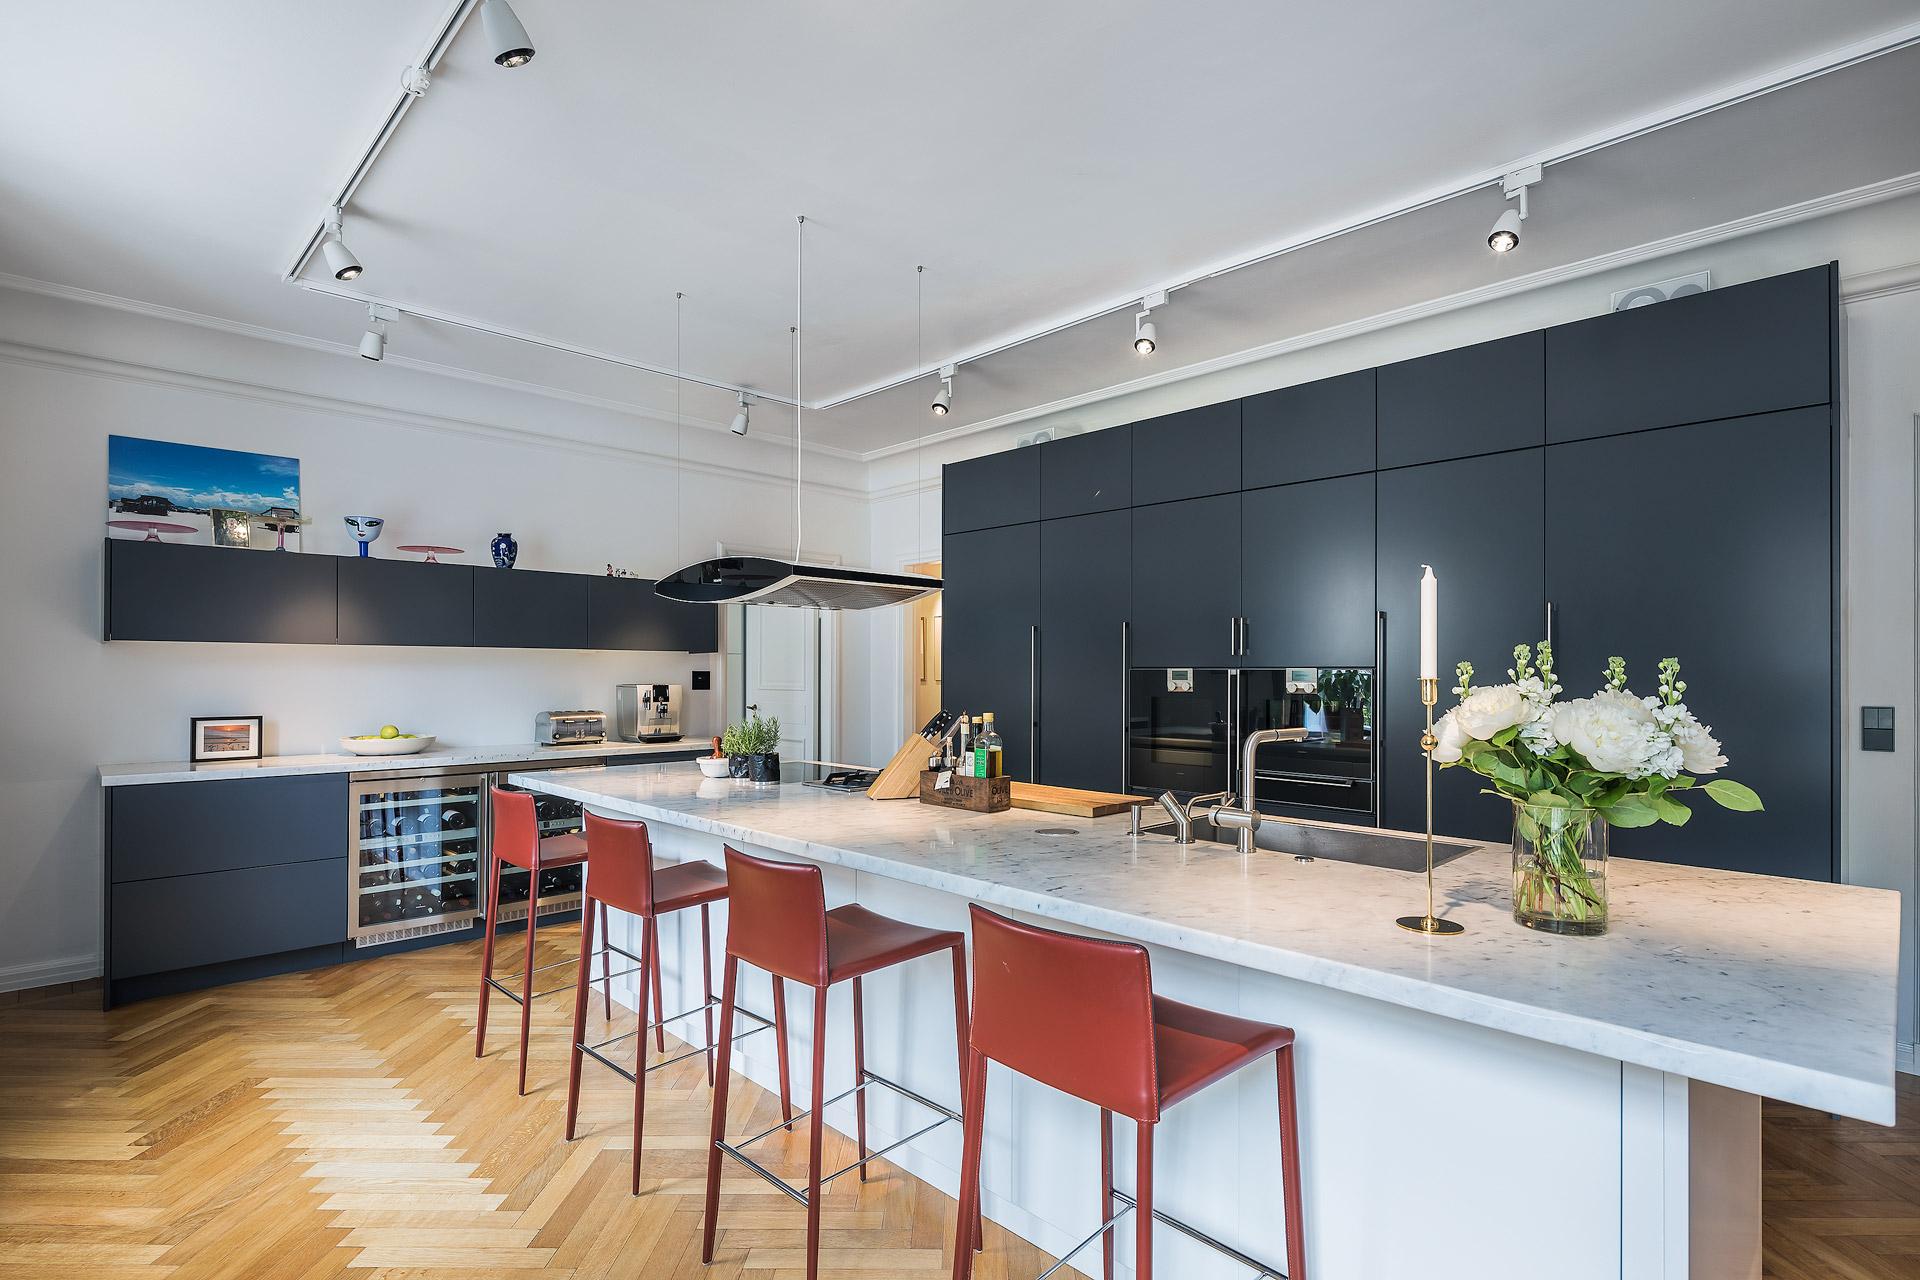 кухня кухонный остров белые стены светлый пол паркет